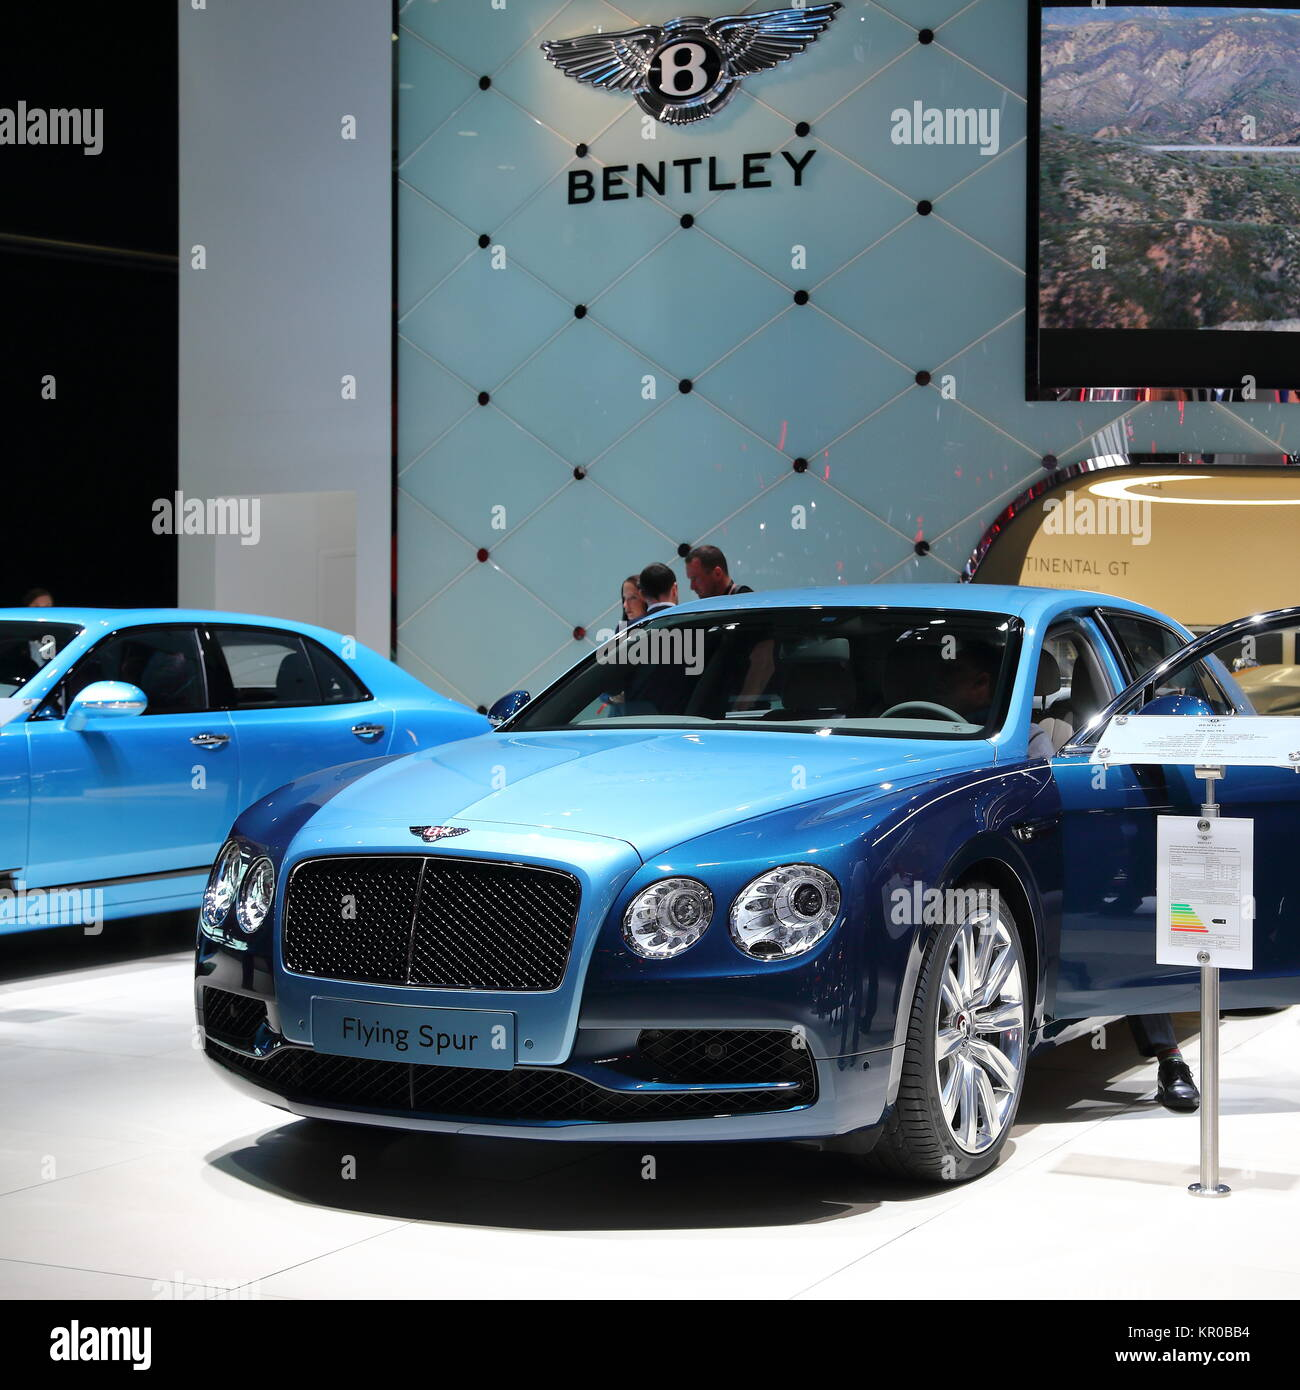 Bentley Motor Show Stock Photos & Bentley Motor Show Stock